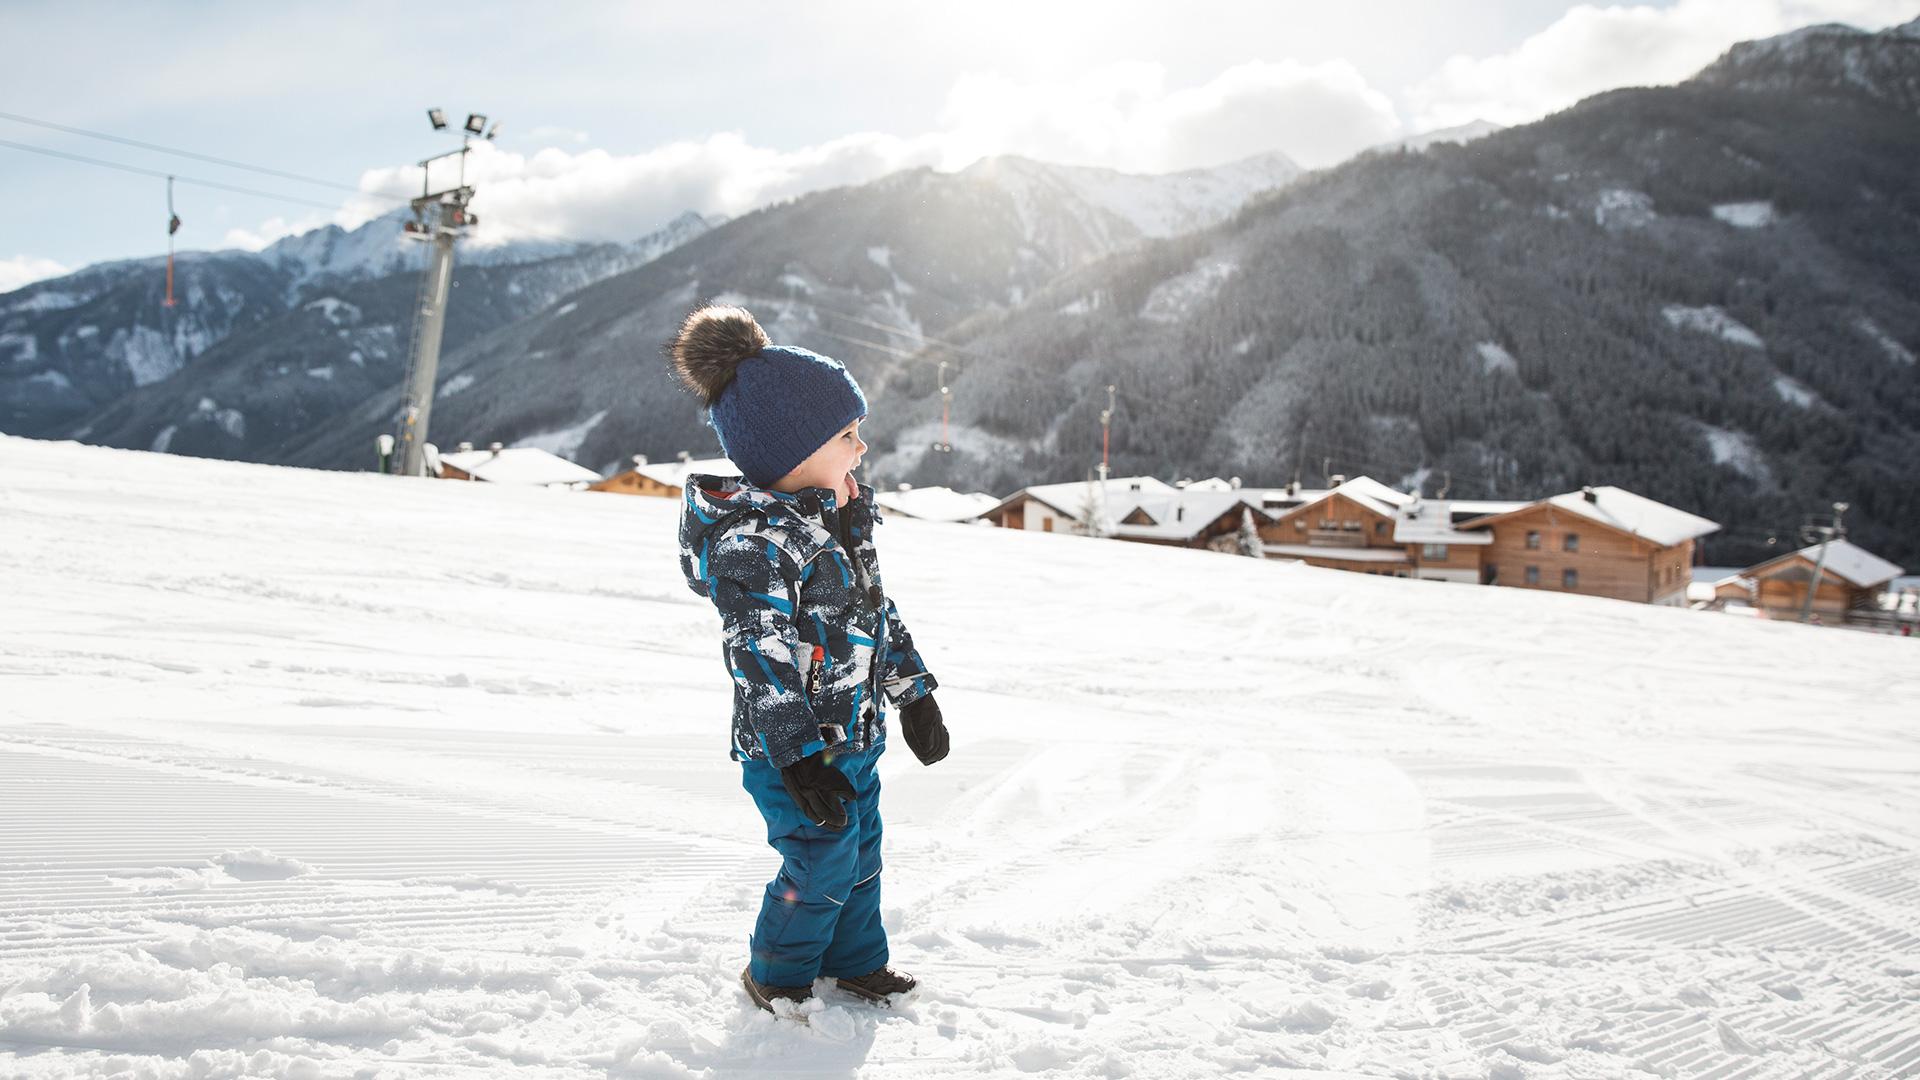 Kleines Kind im Schianzug steht auf Skipiste